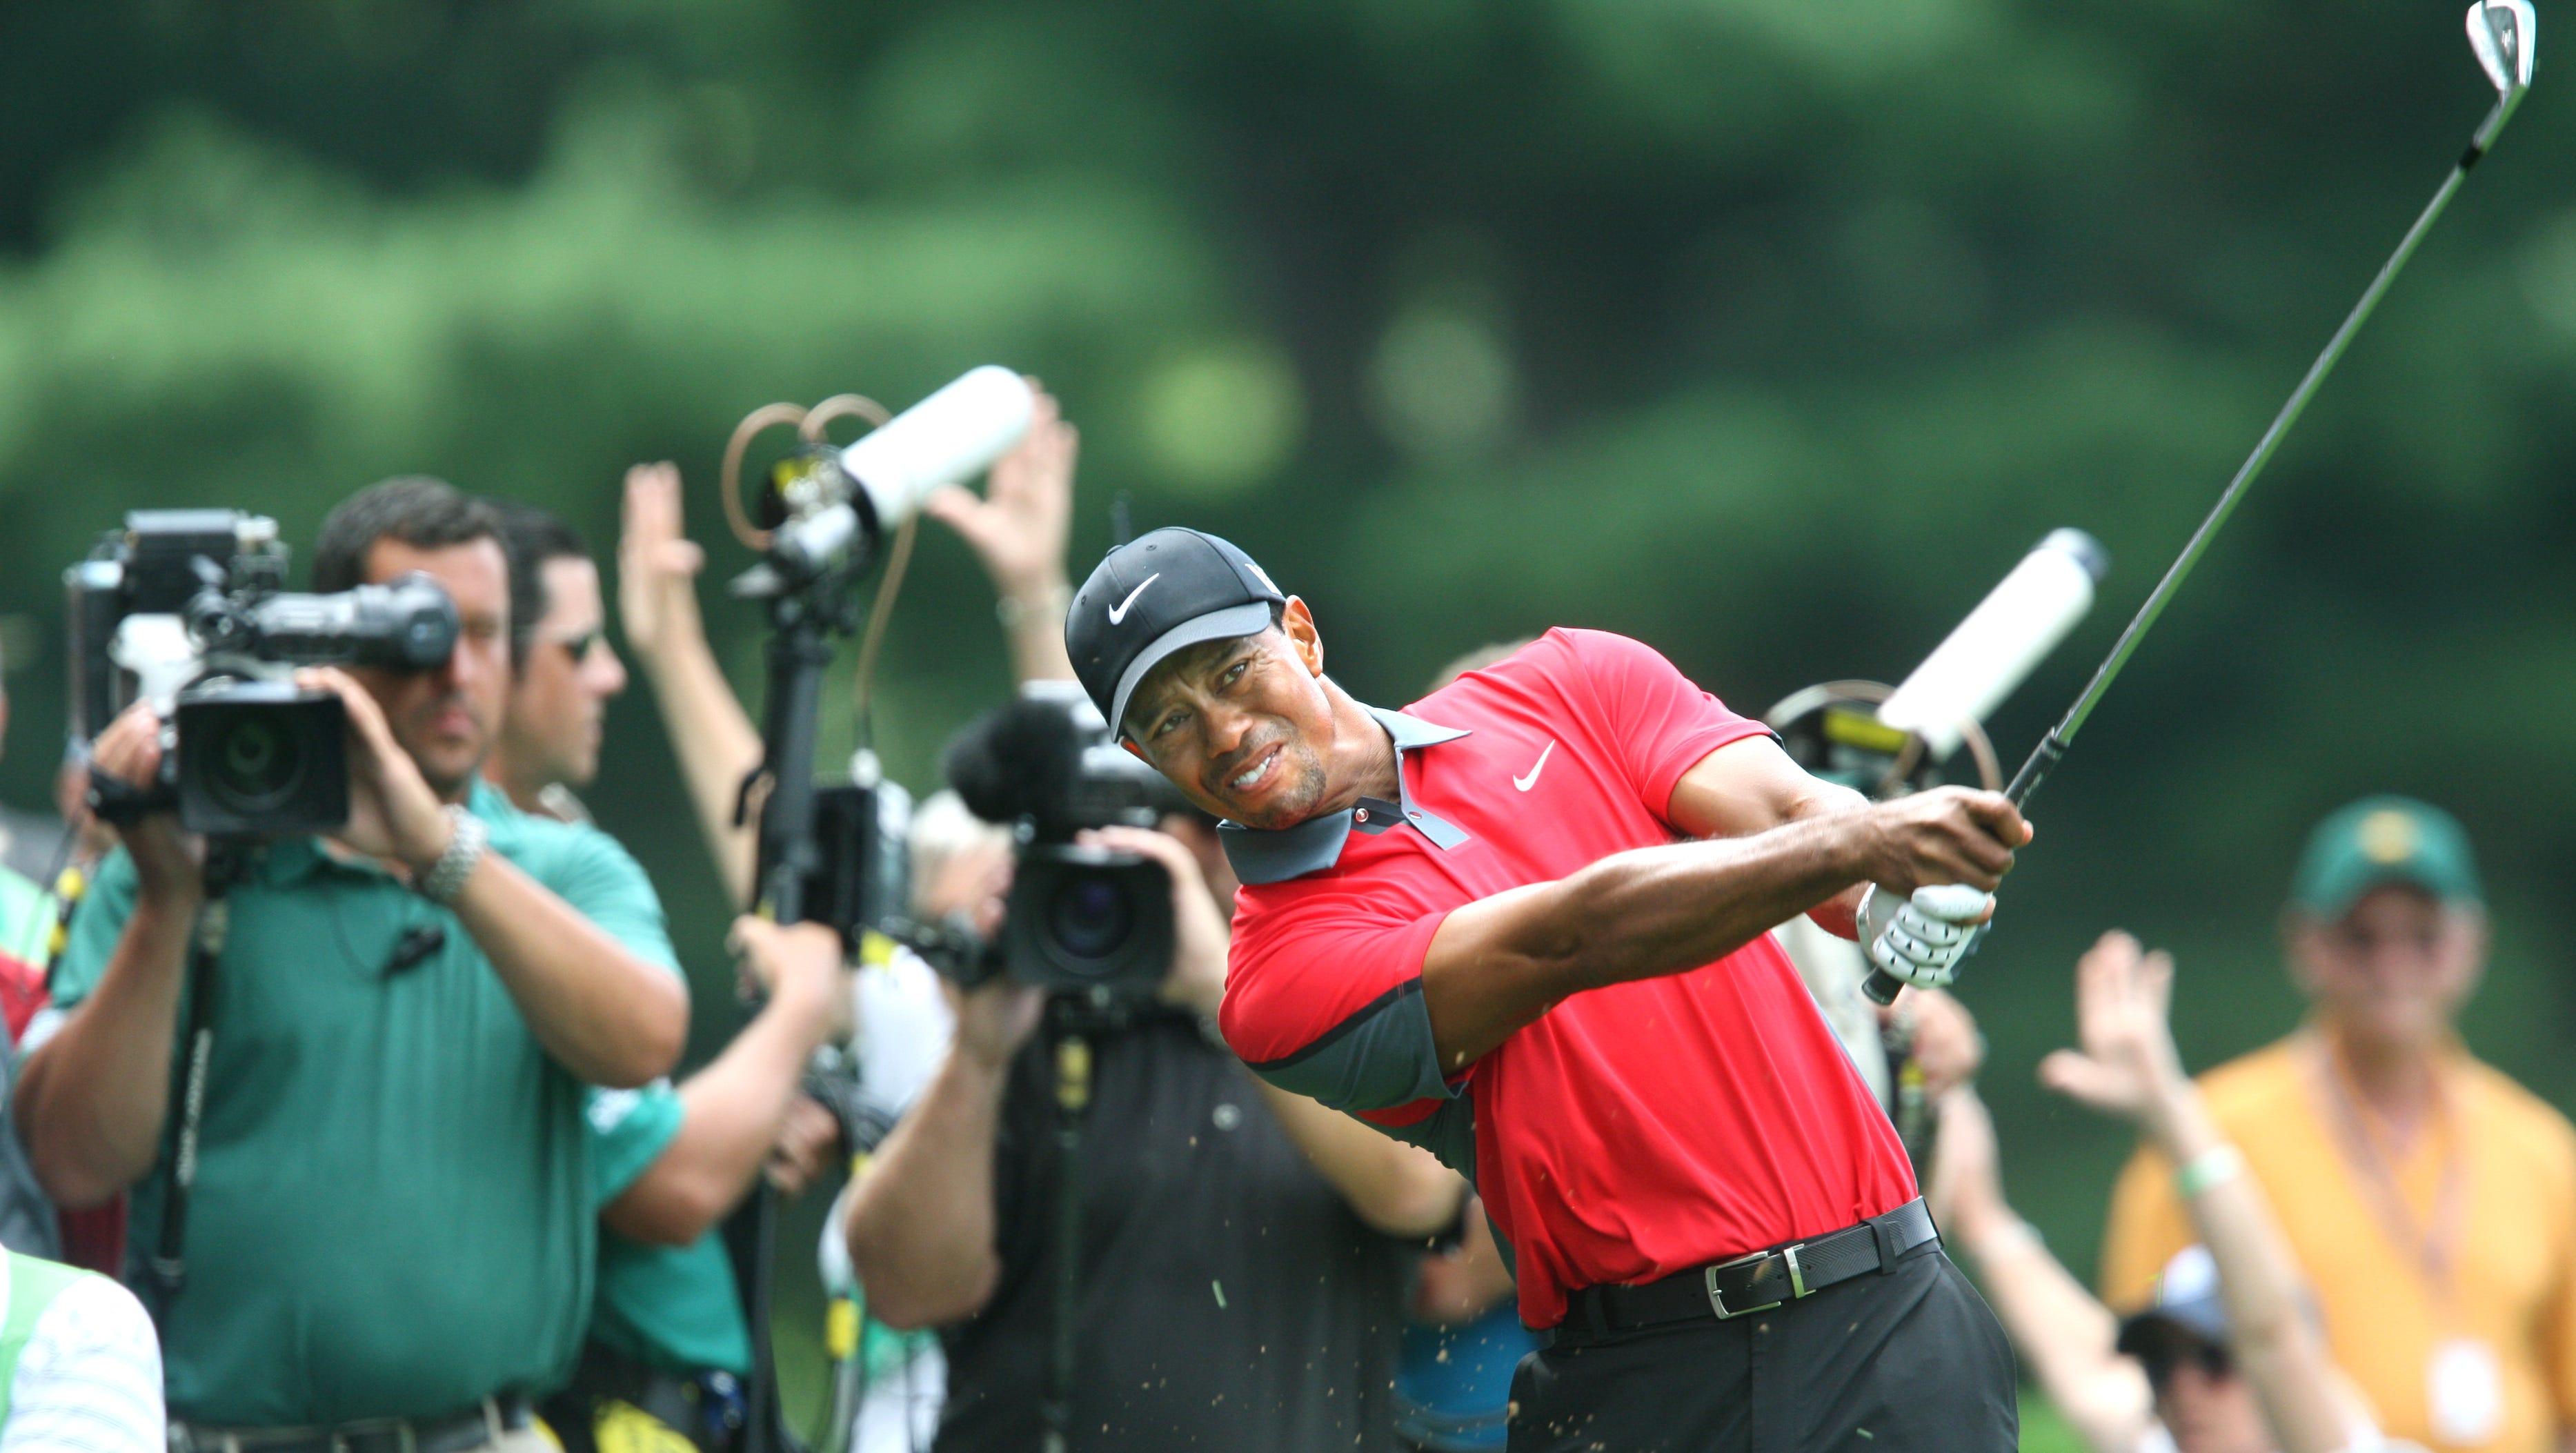 Tiger Woods swings on the 4 fairway.